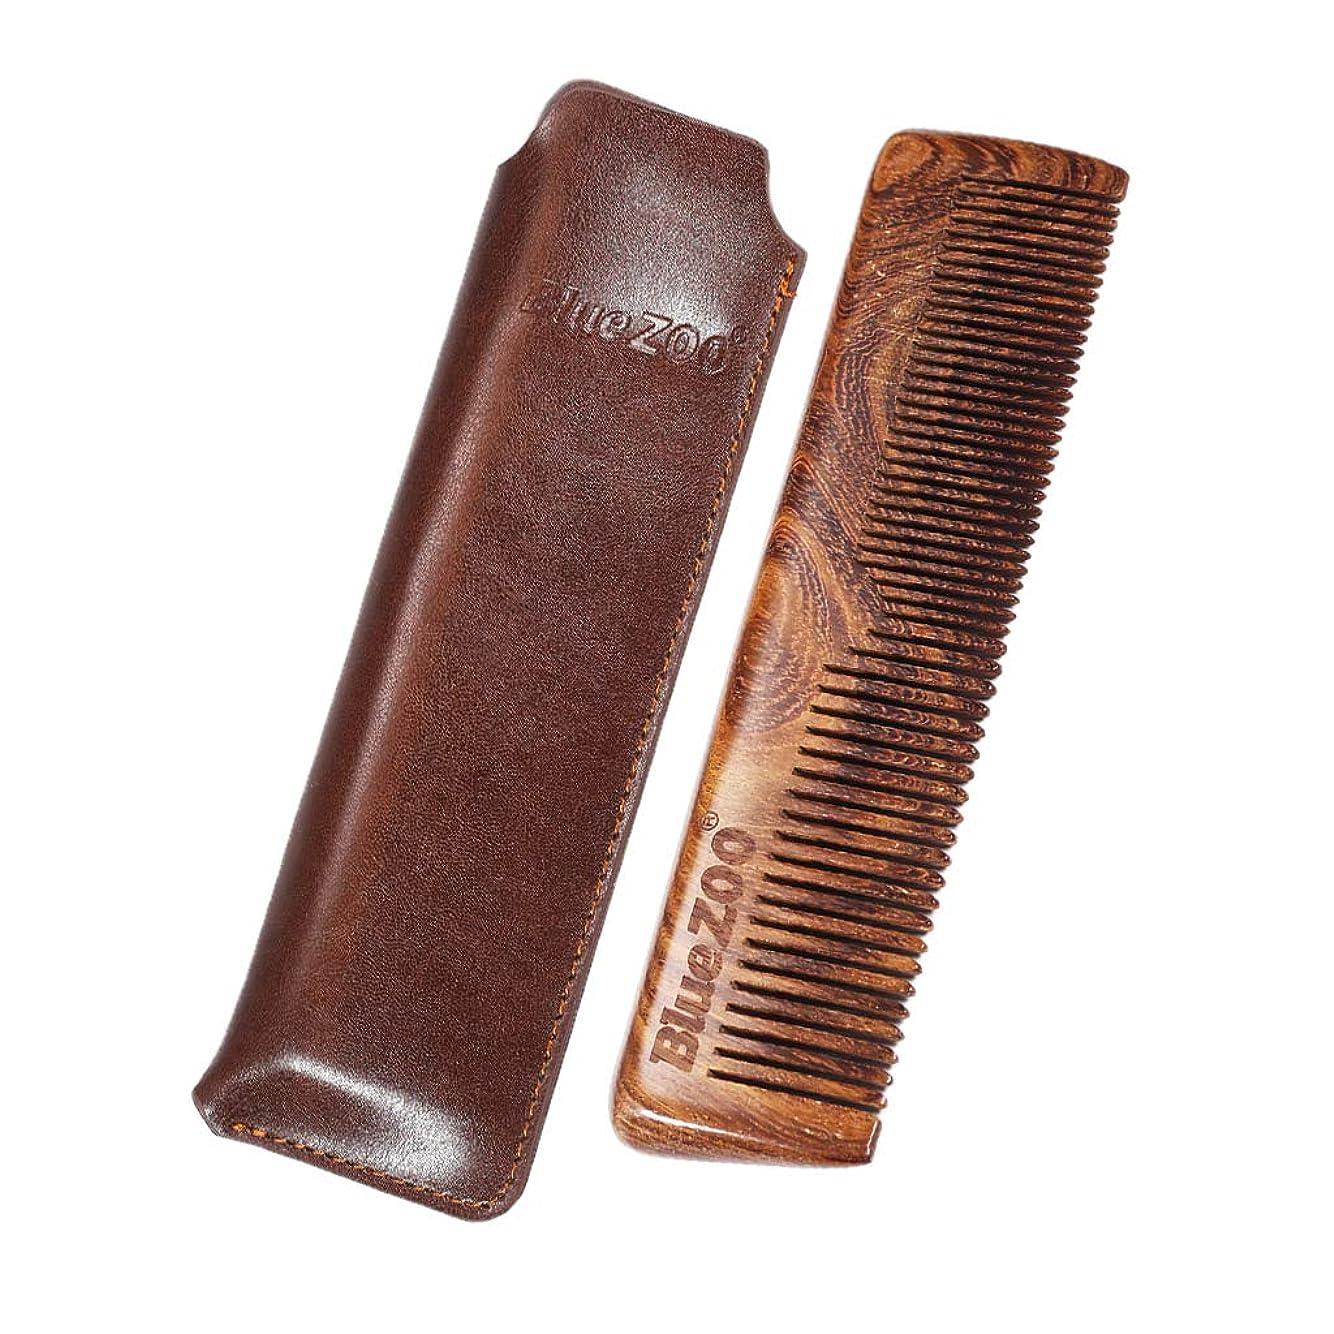 バングラデシュ部分的真面目なB Blesiya ウッド 櫛 静電気防止櫛 ひげ櫛 収納バッグ メンズ プレゼント 2色選べ - 褐色